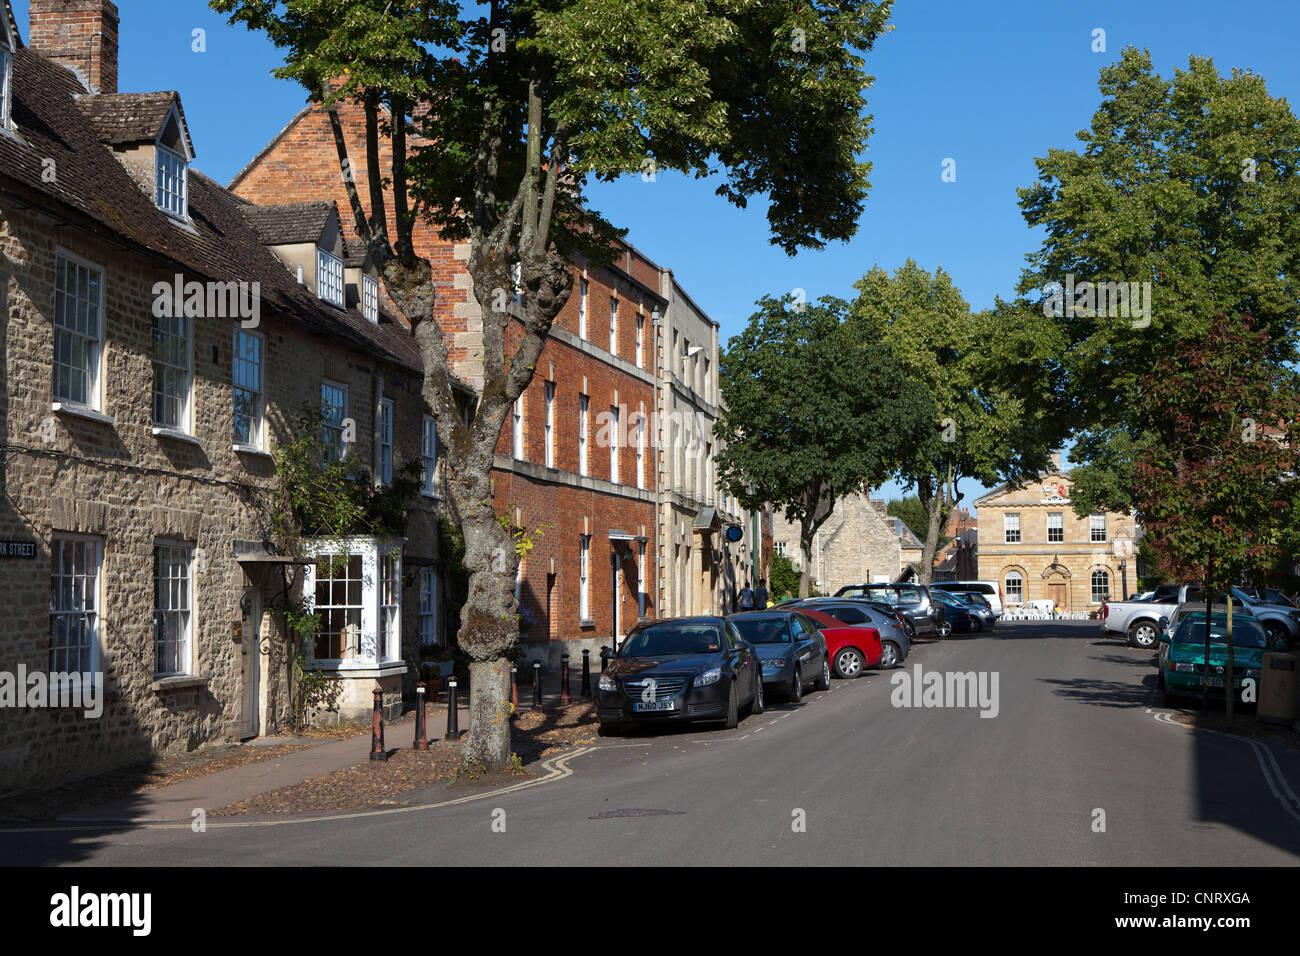 Calle principal con el ayuntamiento al final, Woodstock, Oxfordshire, REINO UNIDO Imagen De Stock